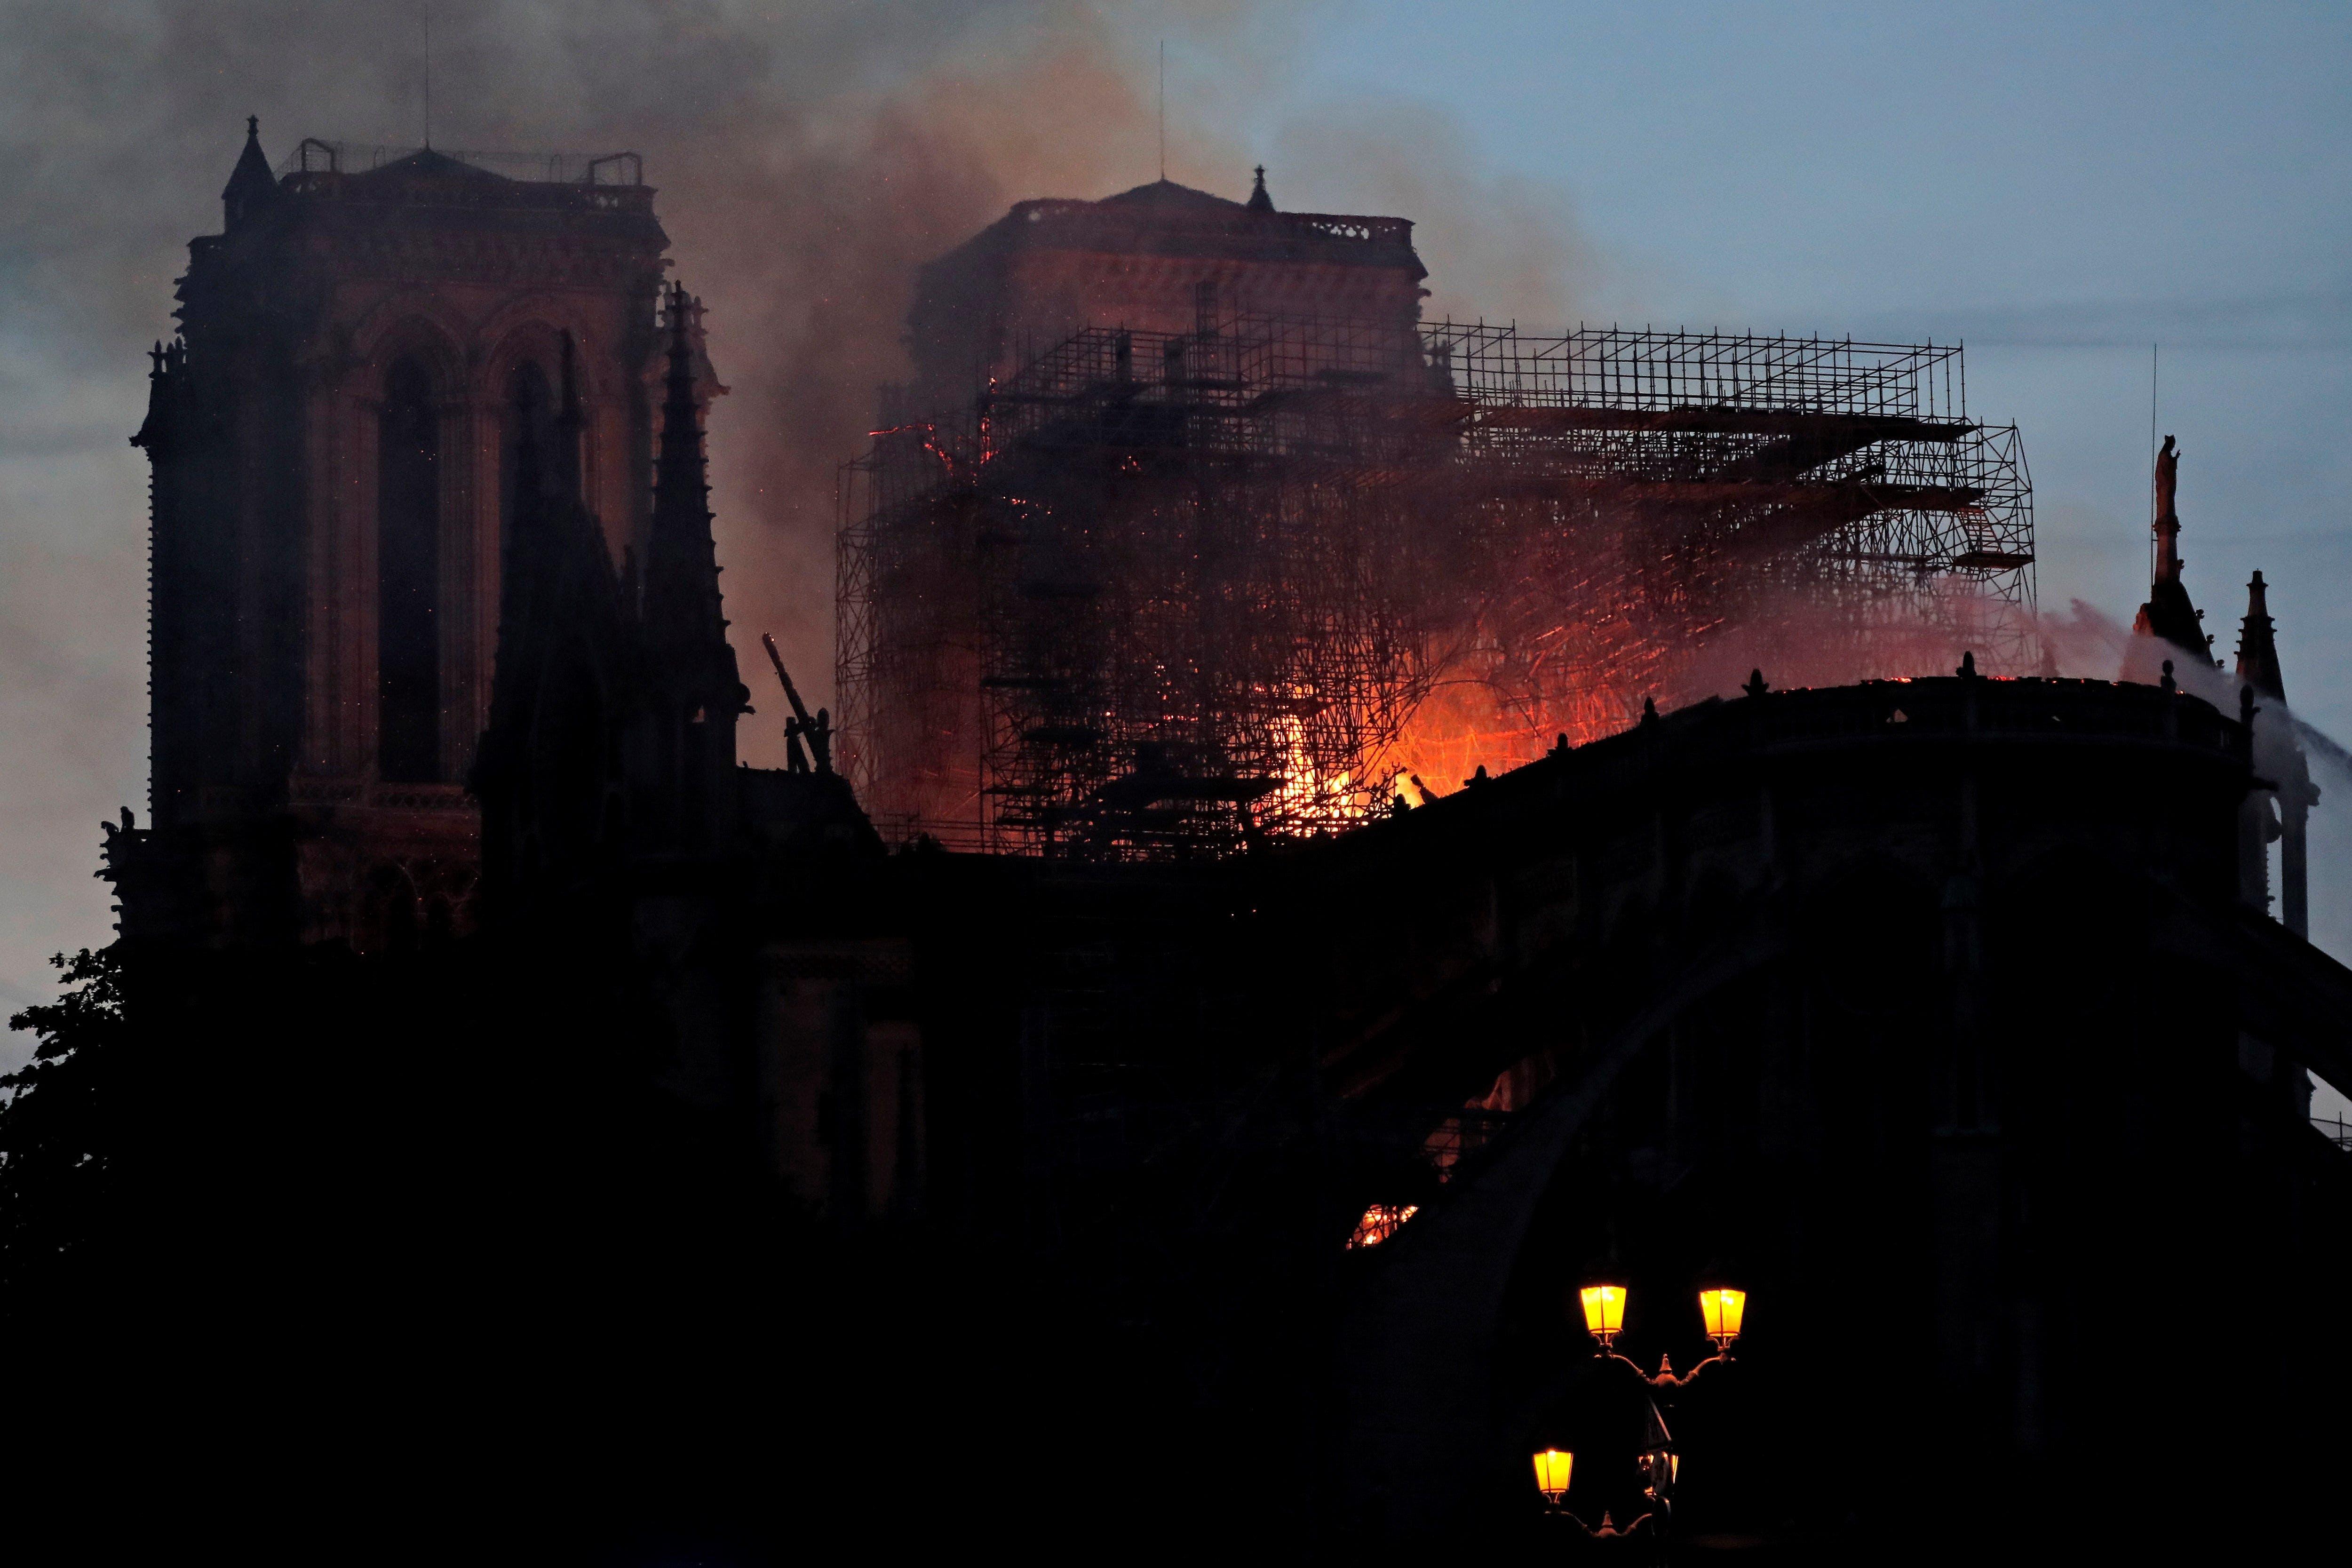 Vea en fotos y video el incendio en la catedral de Notre Dame en París